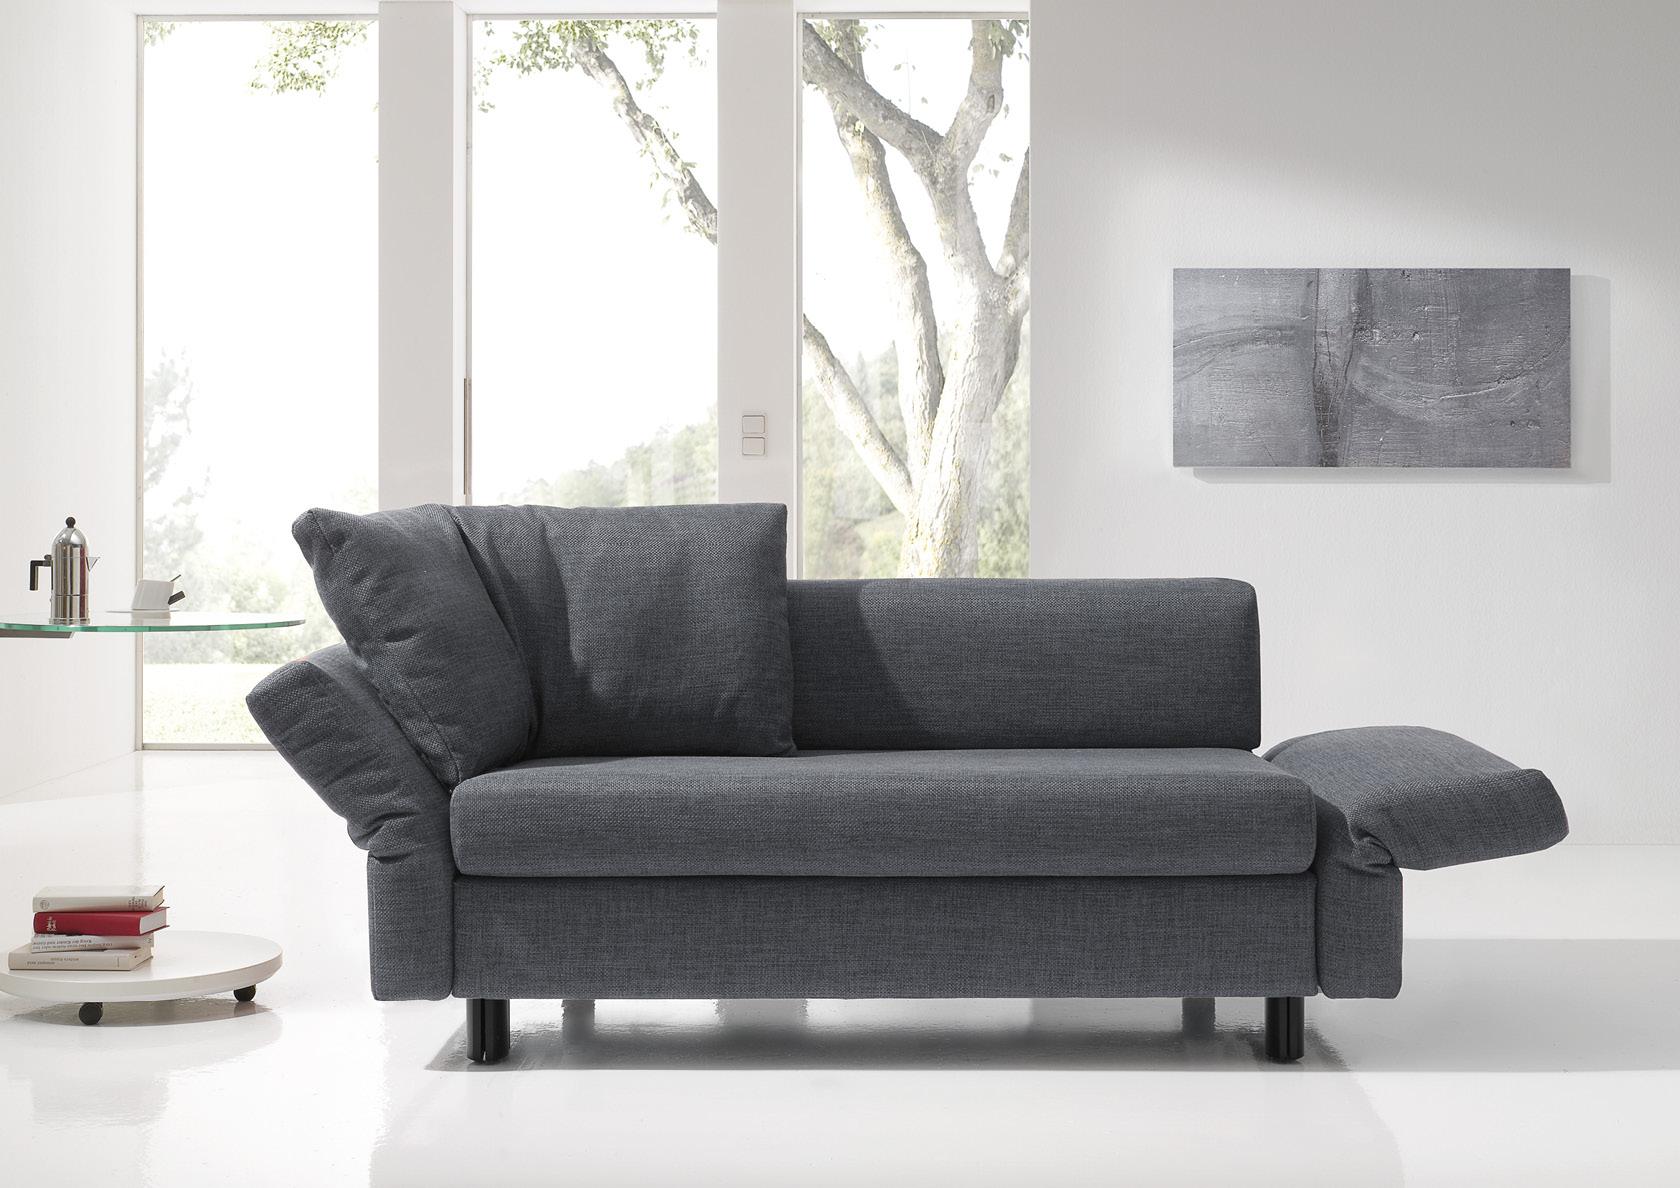 schlafsofa nach vorne ausziehbar great schlafcouch als praktisches schlafsofa with schlafsofa. Black Bedroom Furniture Sets. Home Design Ideas